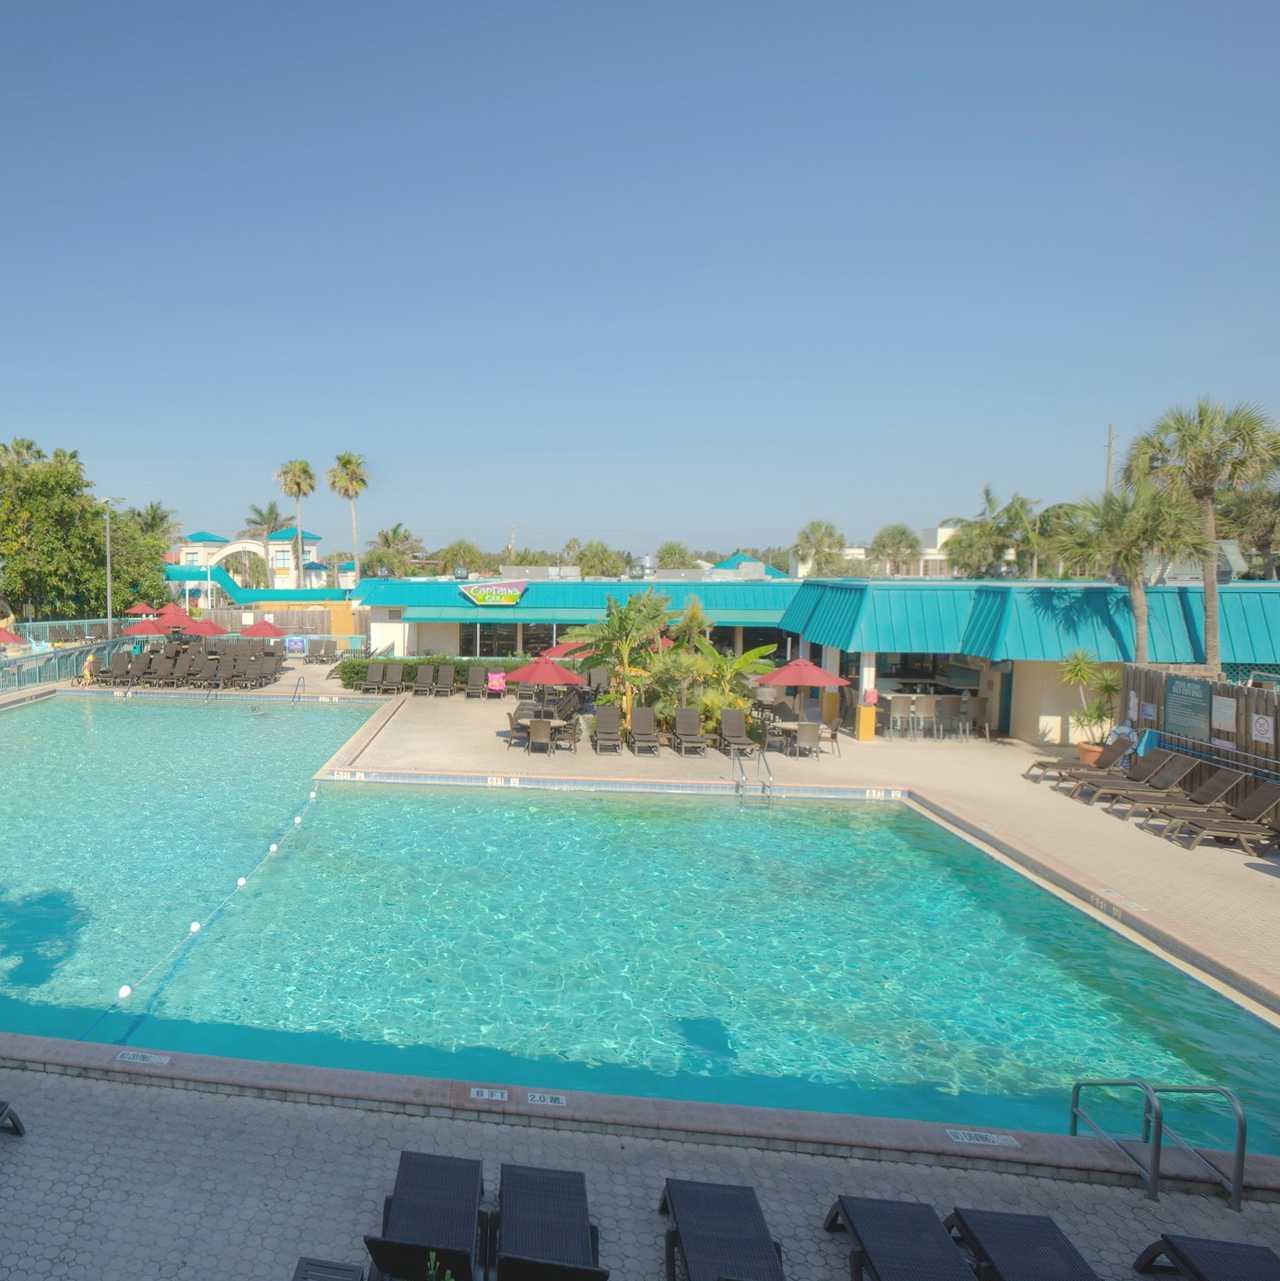 hotel florida international palms resort conference center canusa. Black Bedroom Furniture Sets. Home Design Ideas